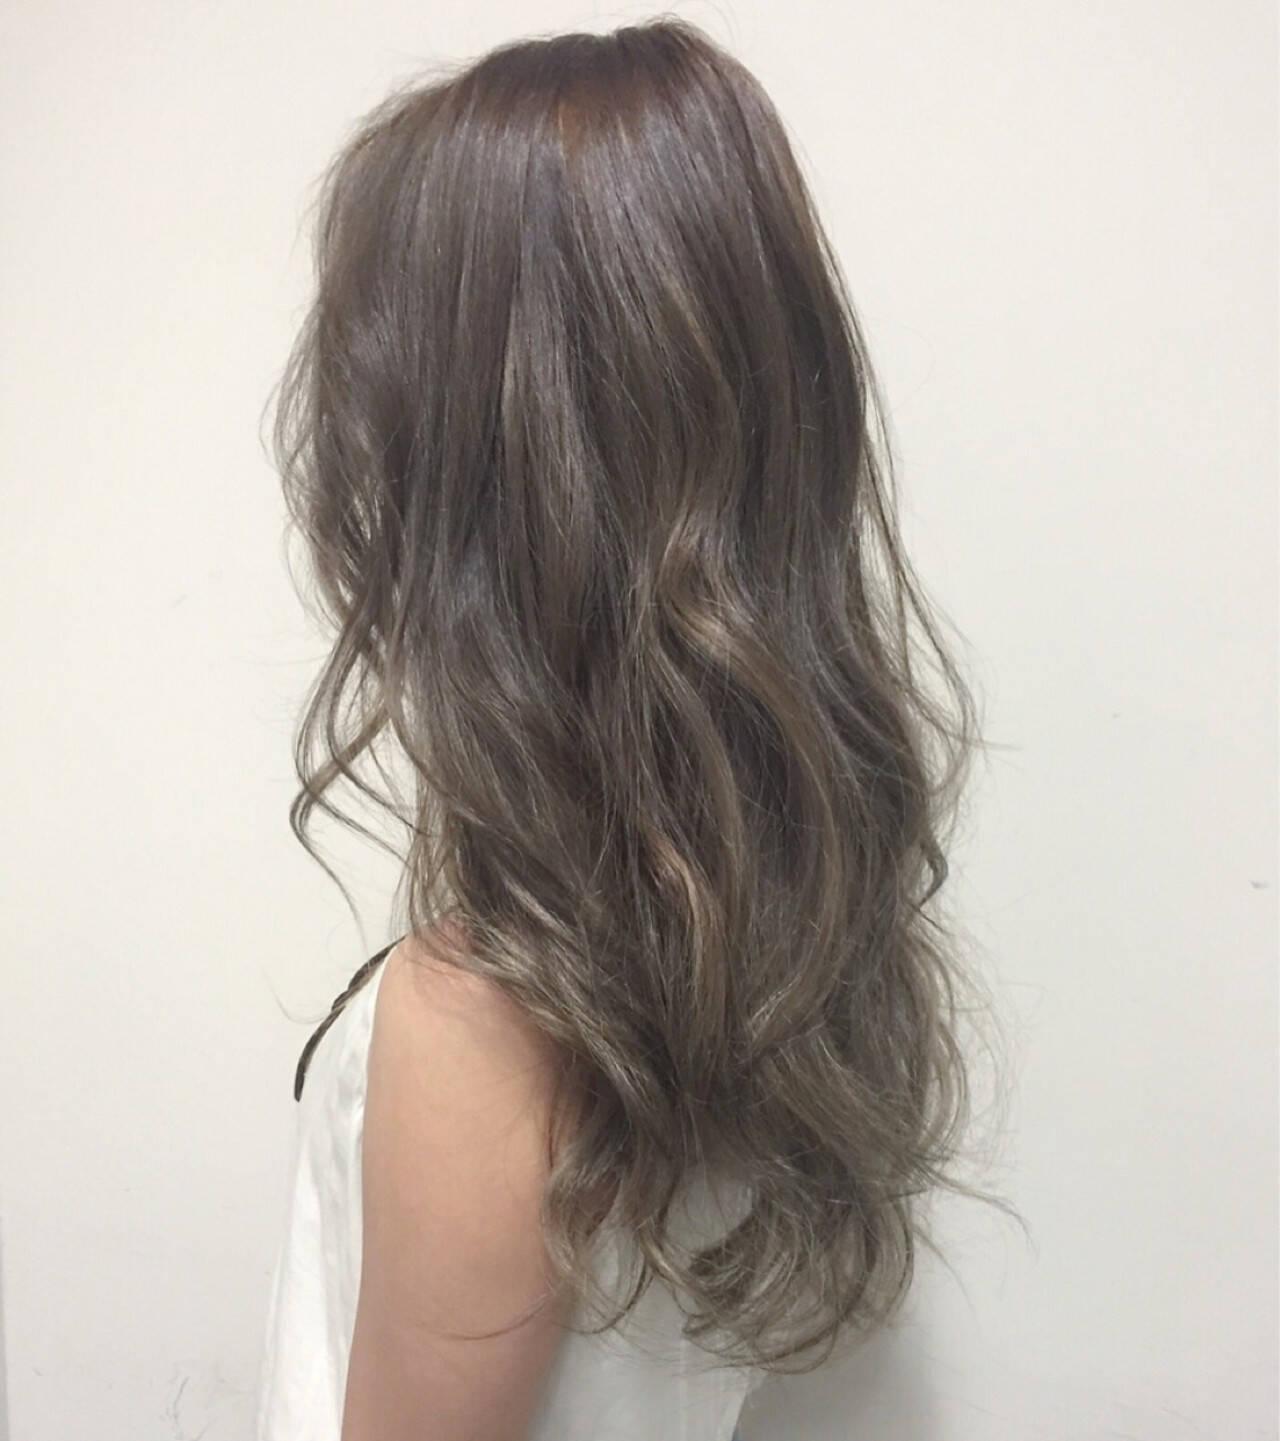 ガーリー グレージュ グラデーションカラー セミロングヘアスタイルや髪型の写真・画像